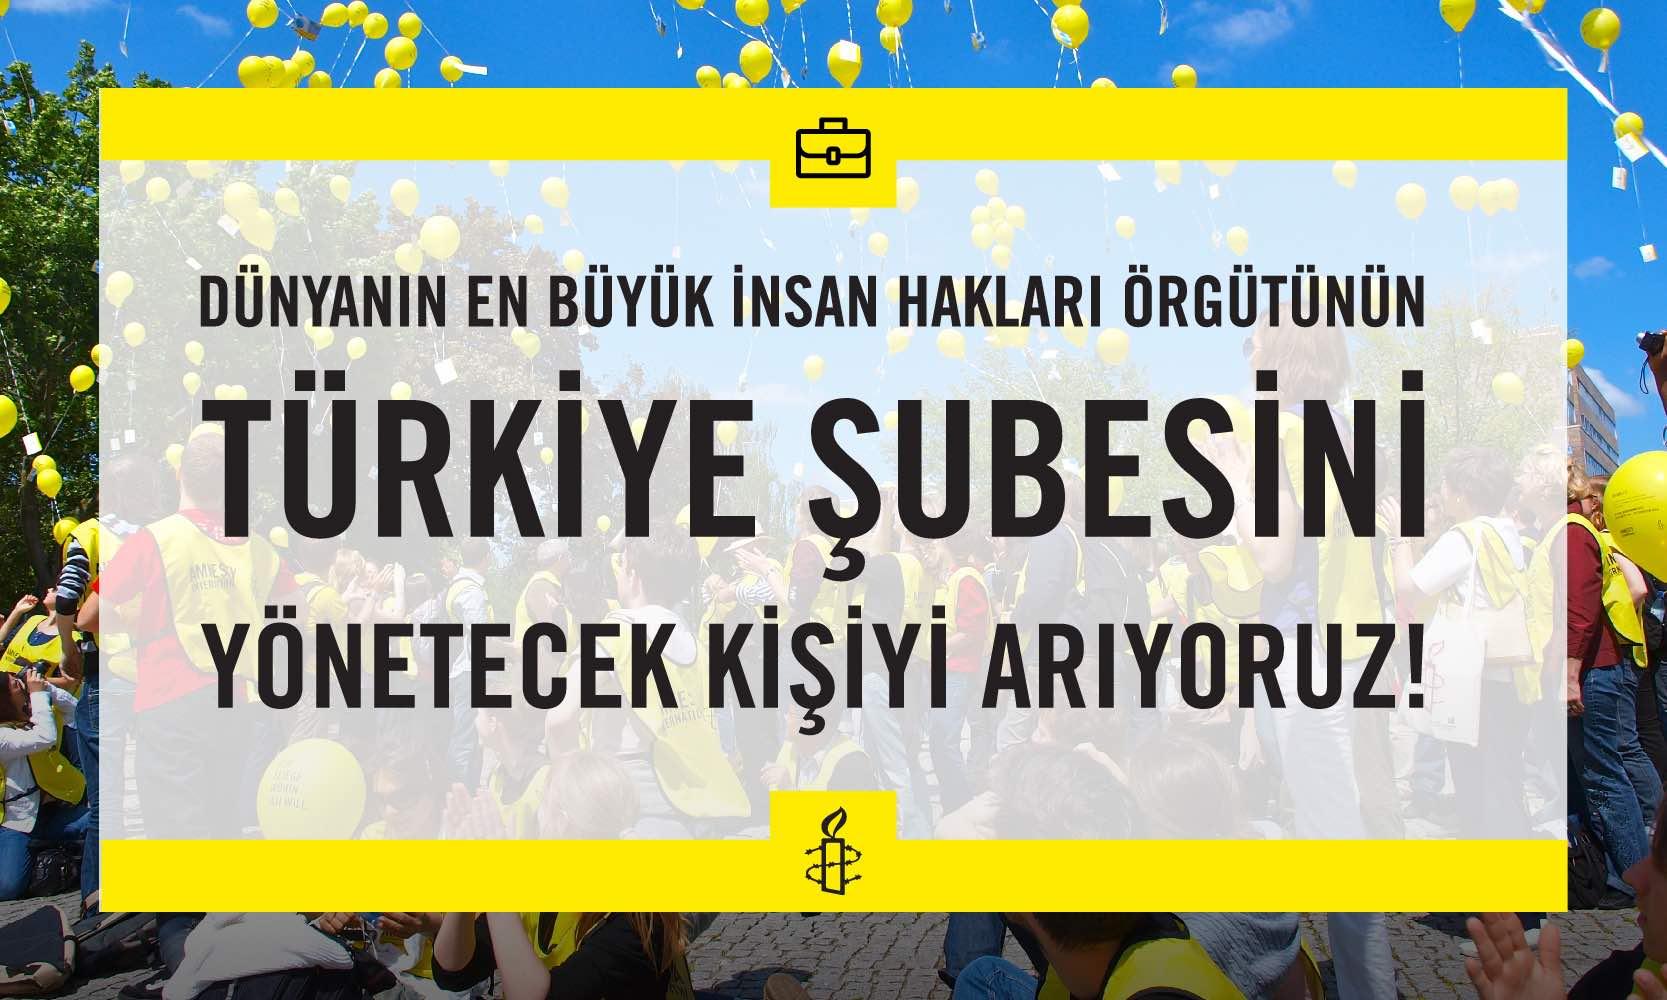 Uluslararası Af Örgütü (Amnesty International) Türkiye Şubesi Direktör Arıyor!